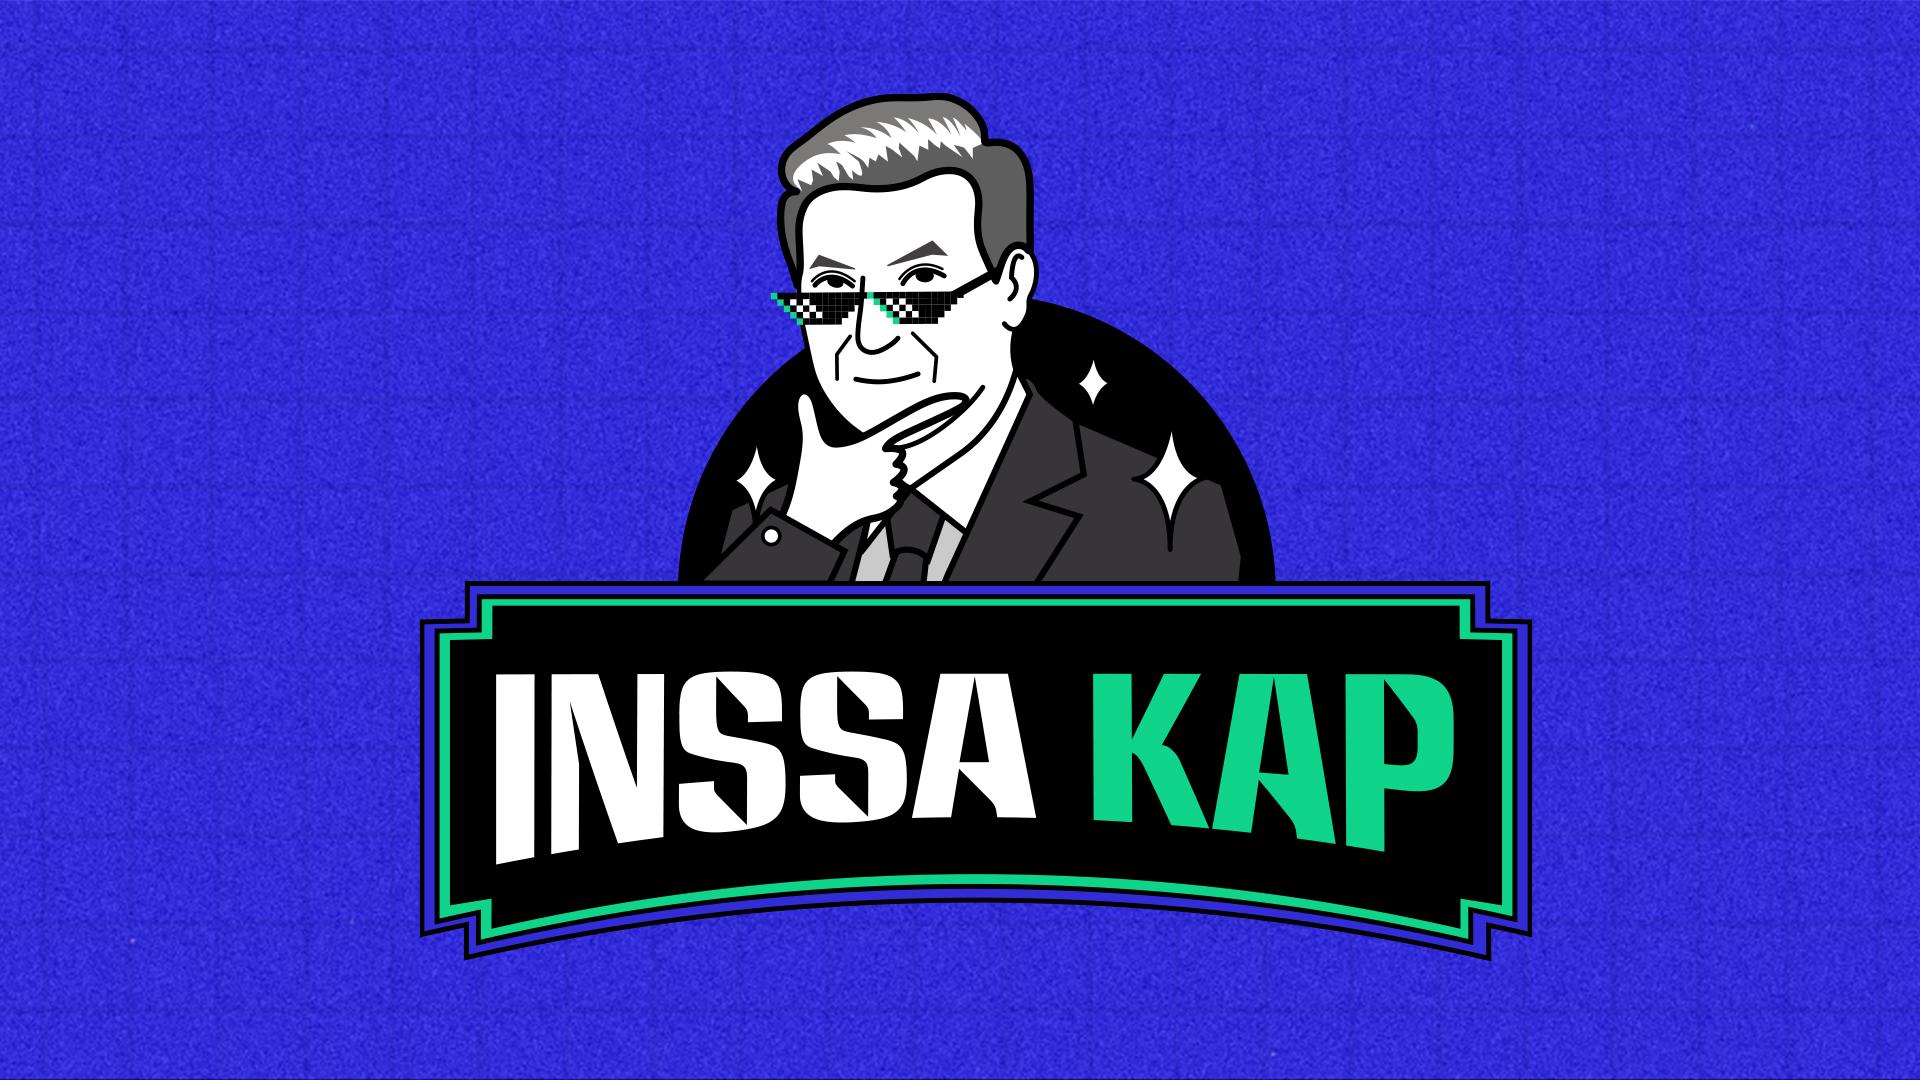 Inssa Kap